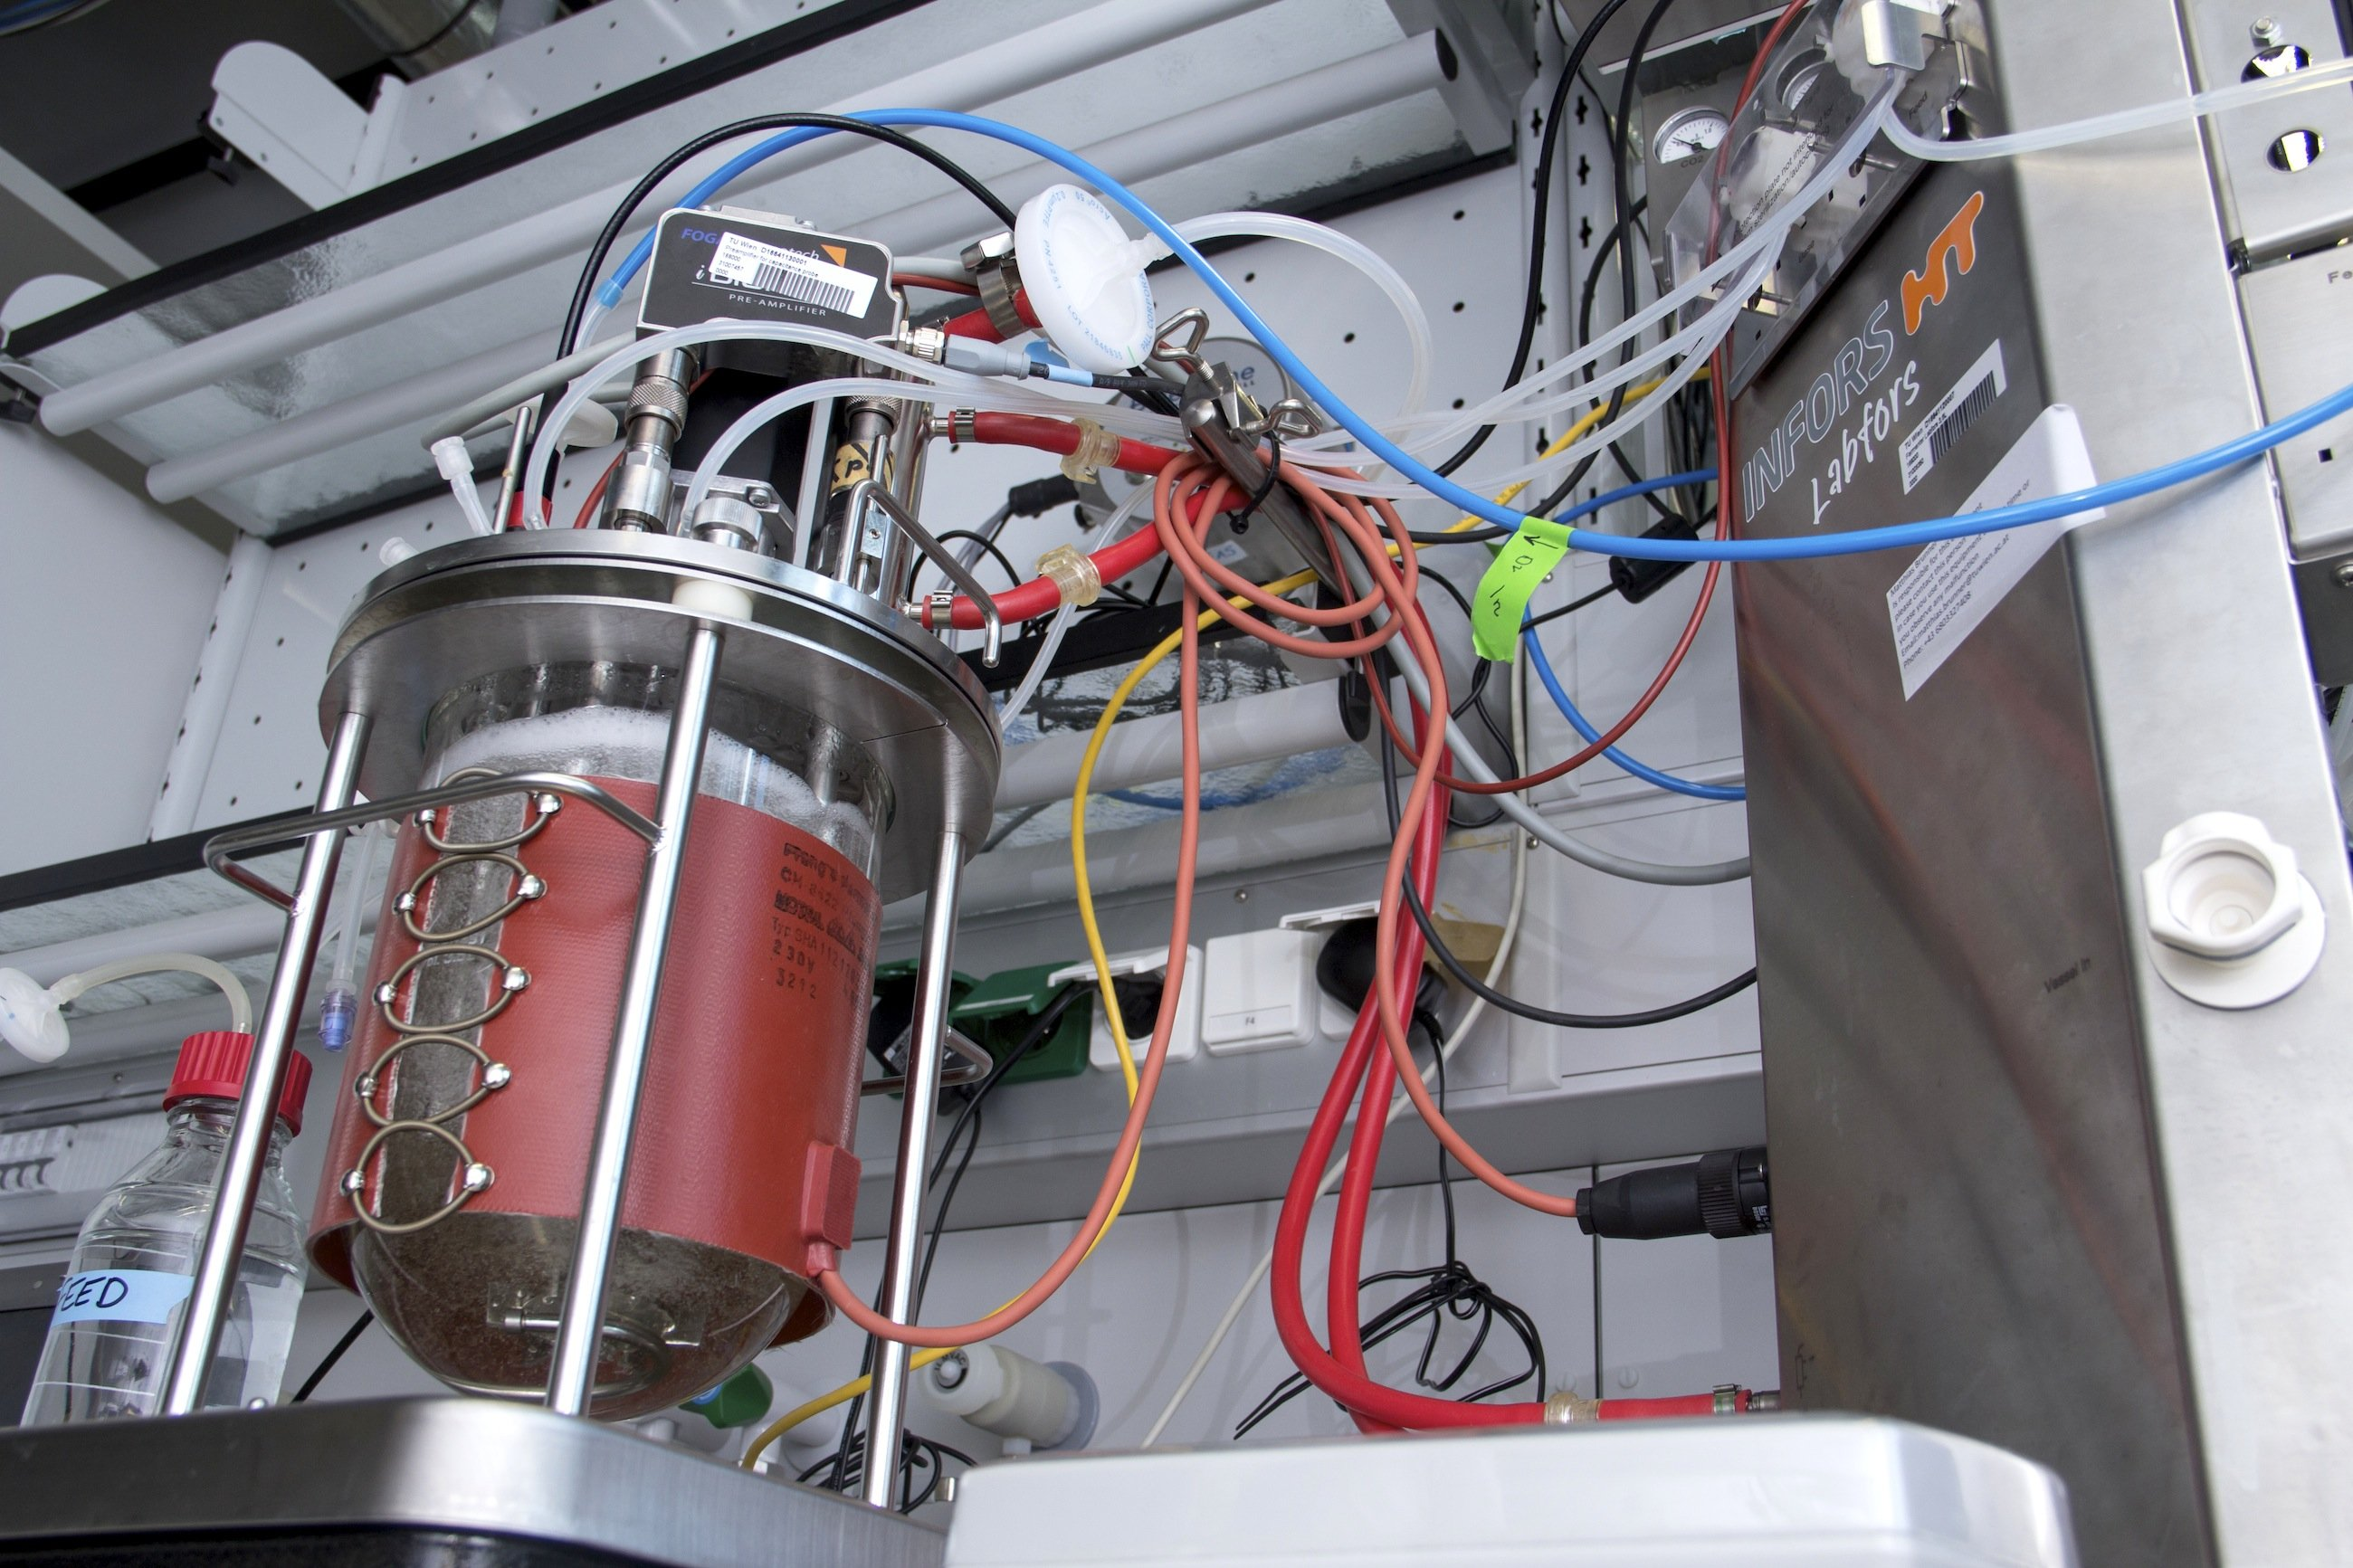 Bioreaktor mit halophilen Bakterien an der TU Wien: Diese überleben bei Temperaturen von mehr als 100 Grad Celsius, in Lösungen, die eine vielfach höhere Konzentration an Salz aufweisen als Meerwasser, in starken Säuren oder Laugen und bei Temperaturen weit unter Null Grad Celsius.